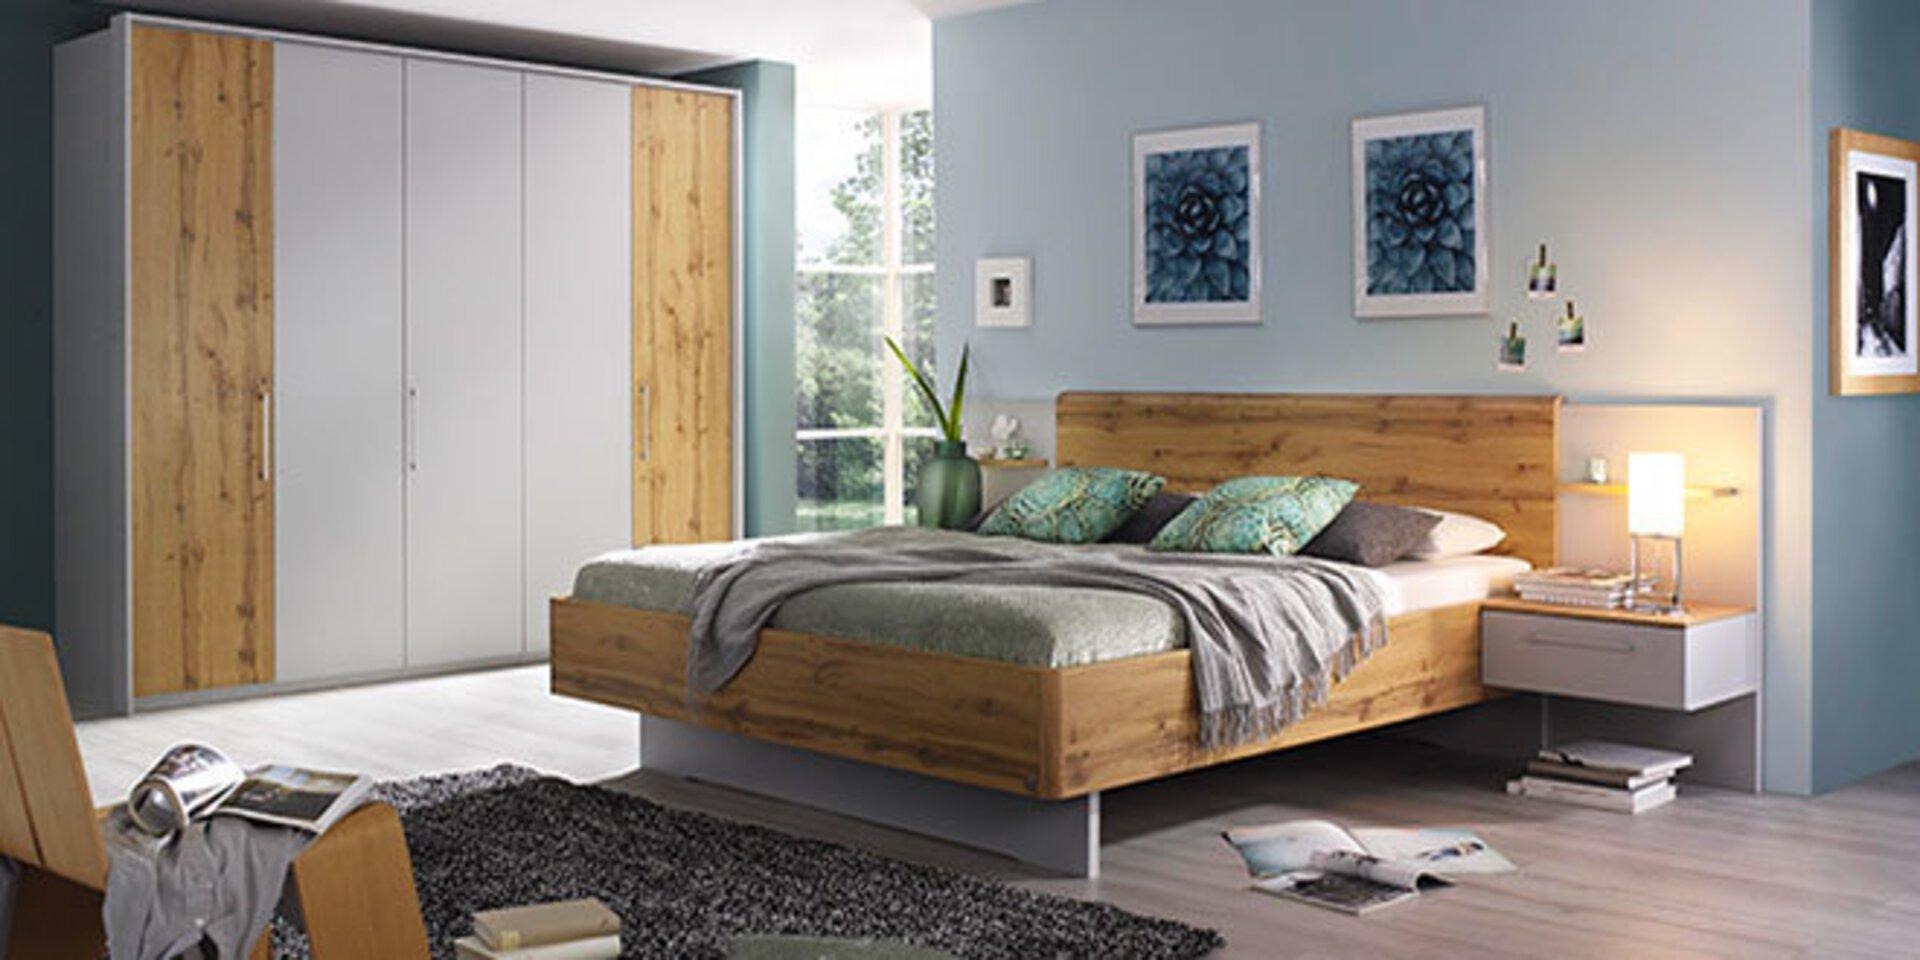 Titelbild auf der Markenseite von Vito zeigt ein Schlafzimmer aus Holz..